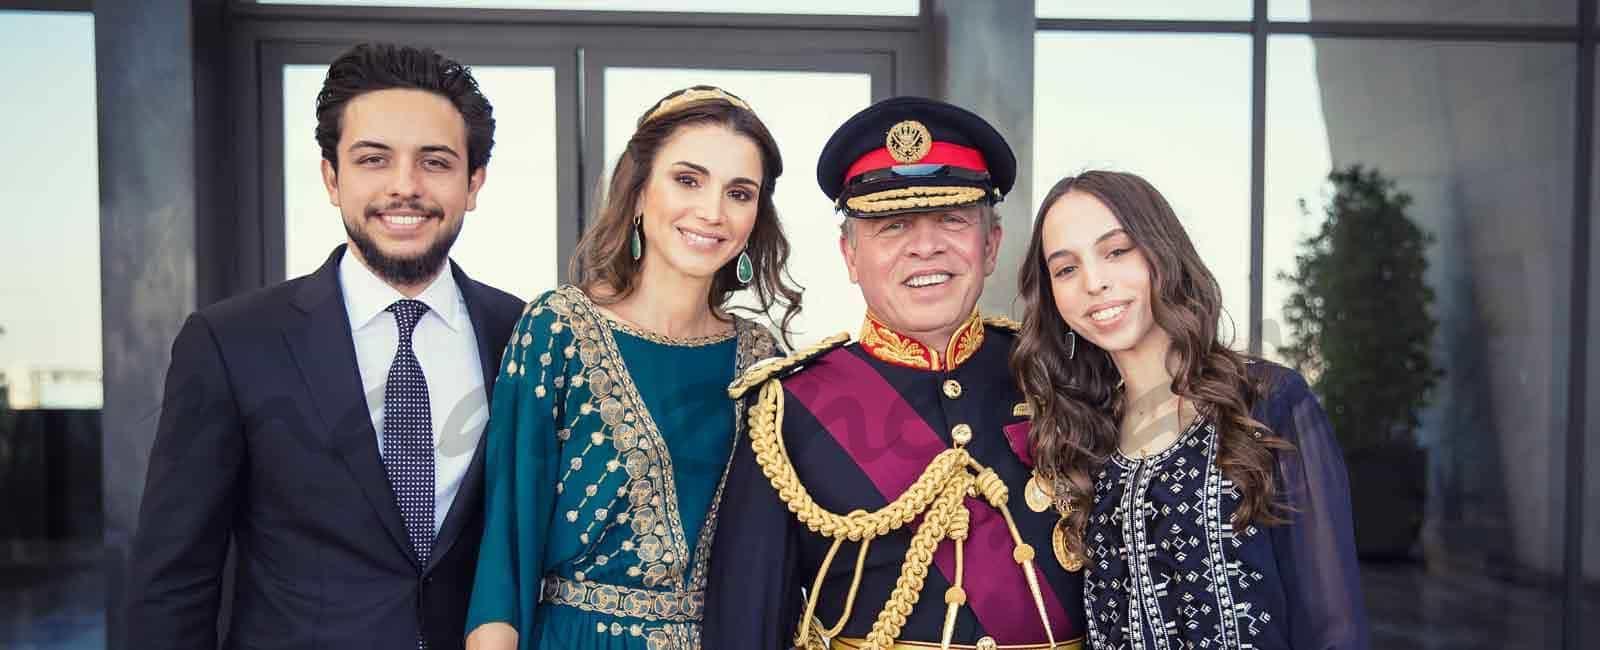 La elegancia de la reina Rania de Jordania